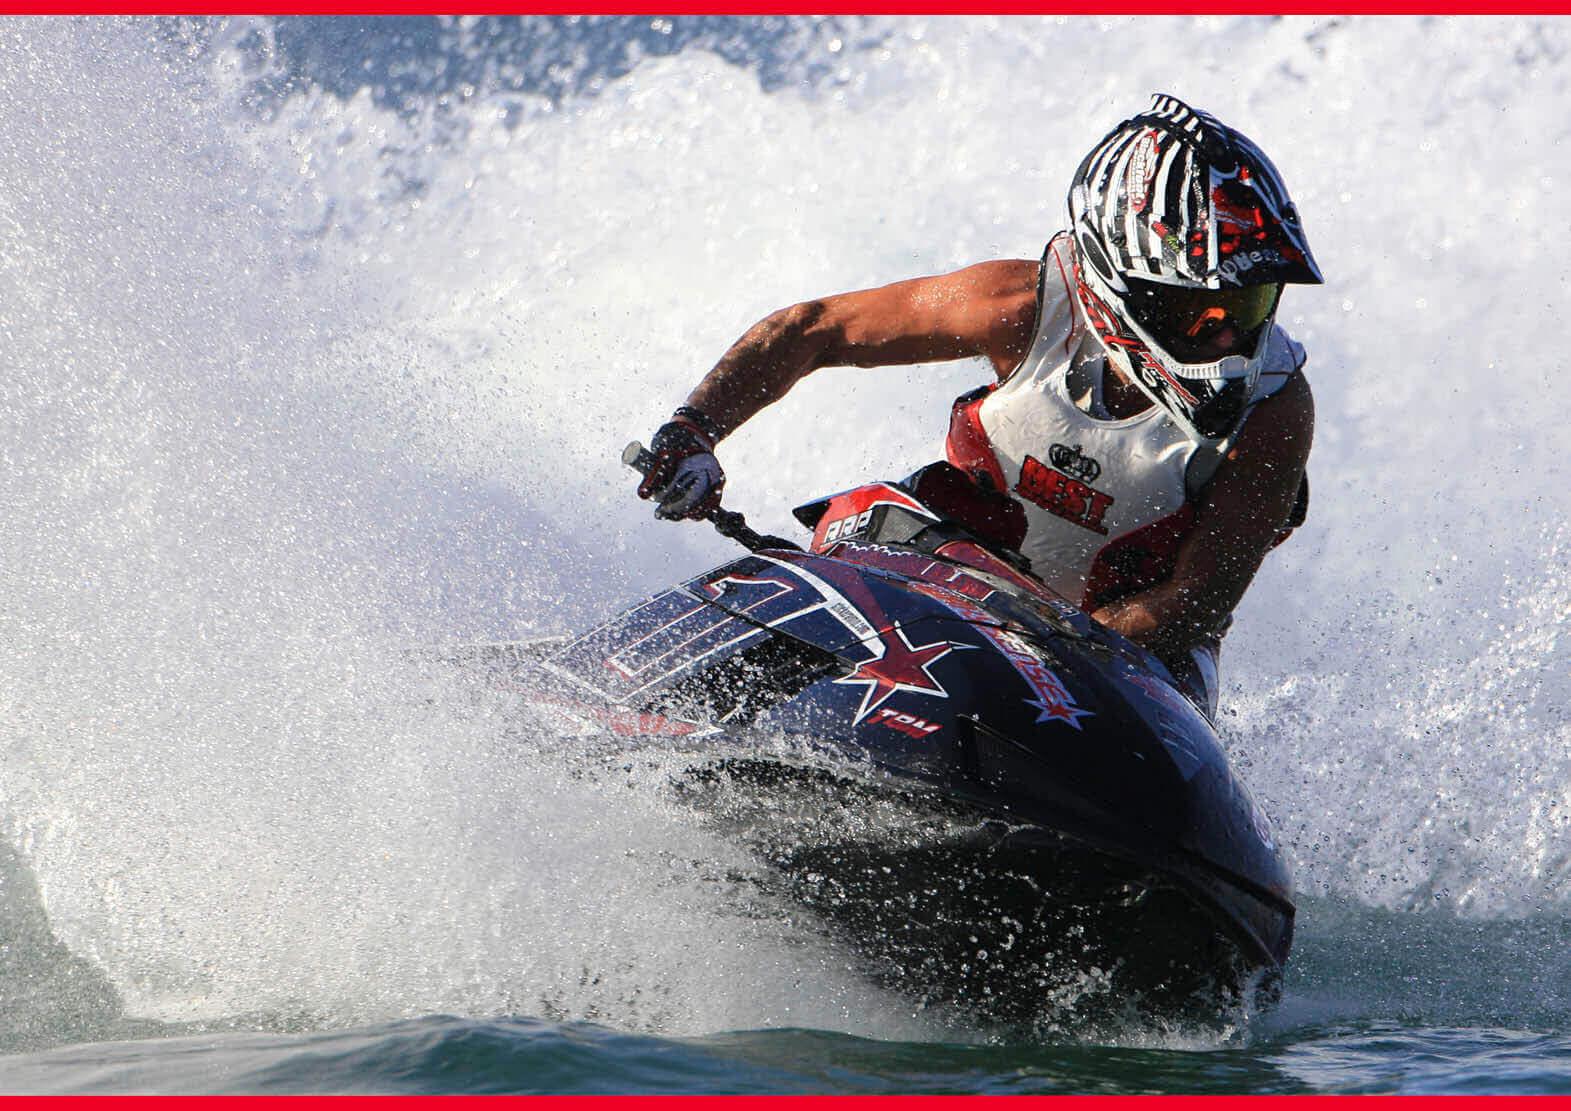 ジェットスポーツ・目の前には、いつも「強いアメリカ」があった、あの頃… 【コラム】 ジェットスキー(水上バイク)